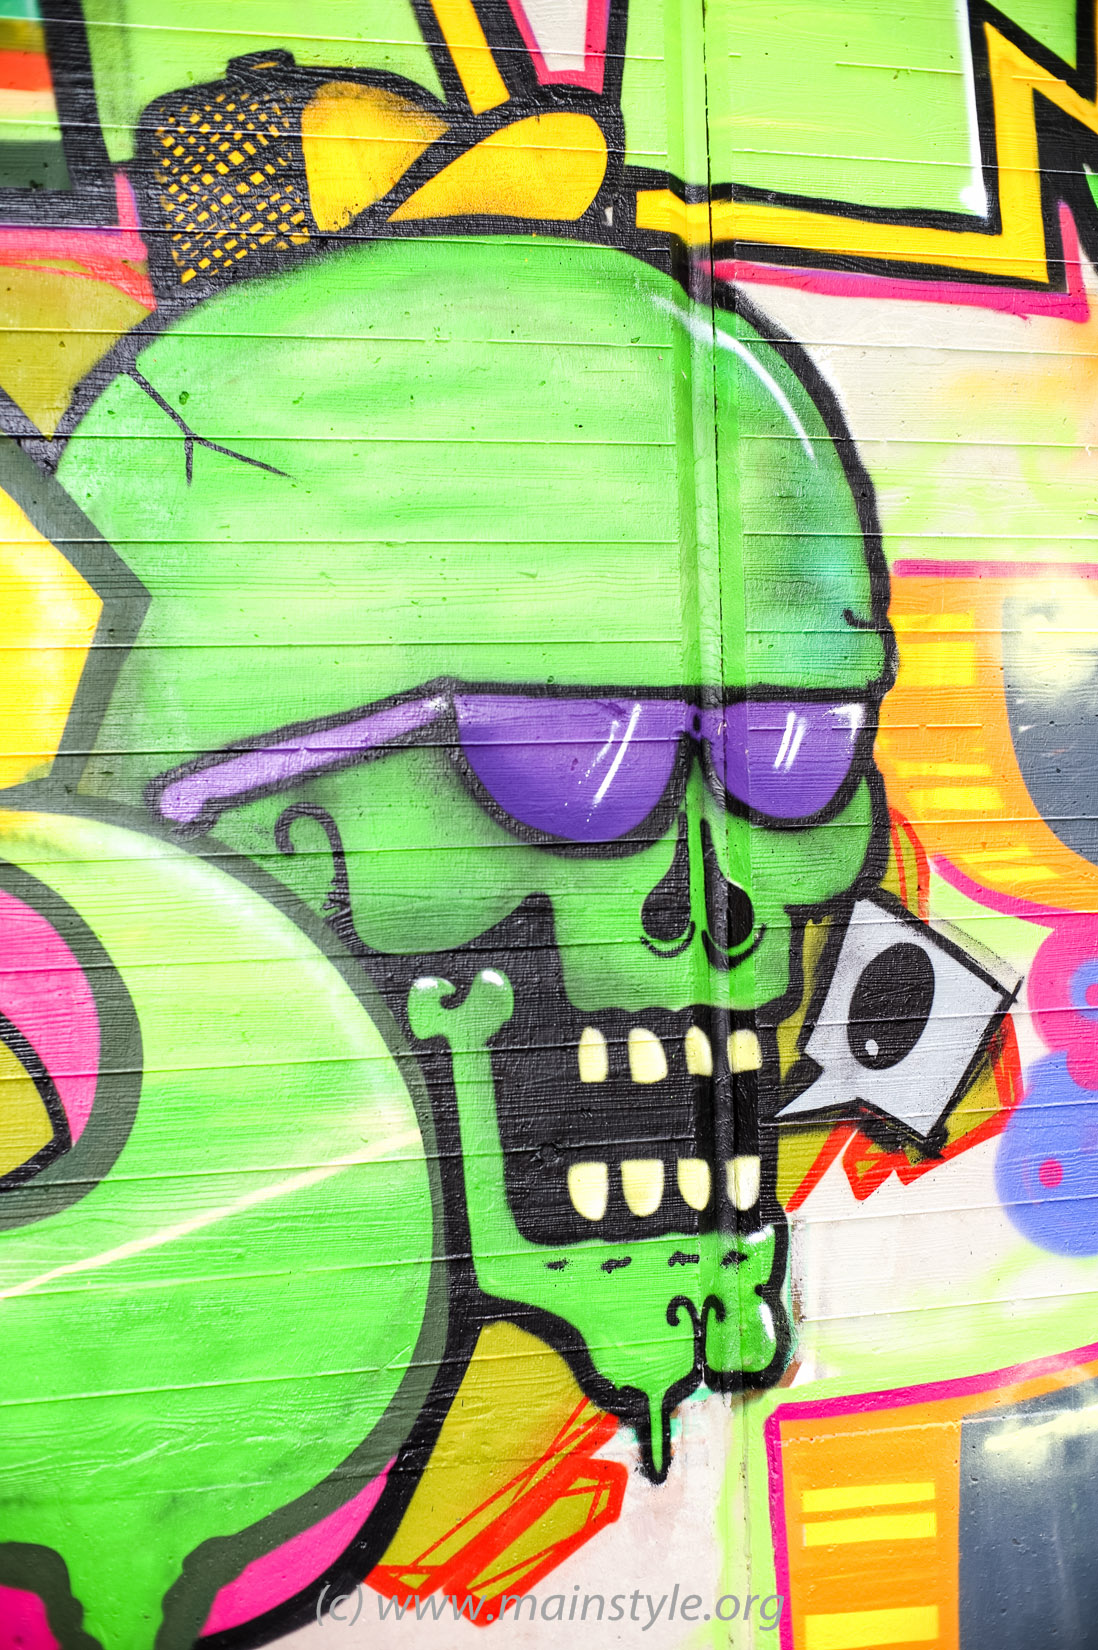 Frankfurt-Höchst_Graffiti_Süwag-Wall_2012 (23 von 35)